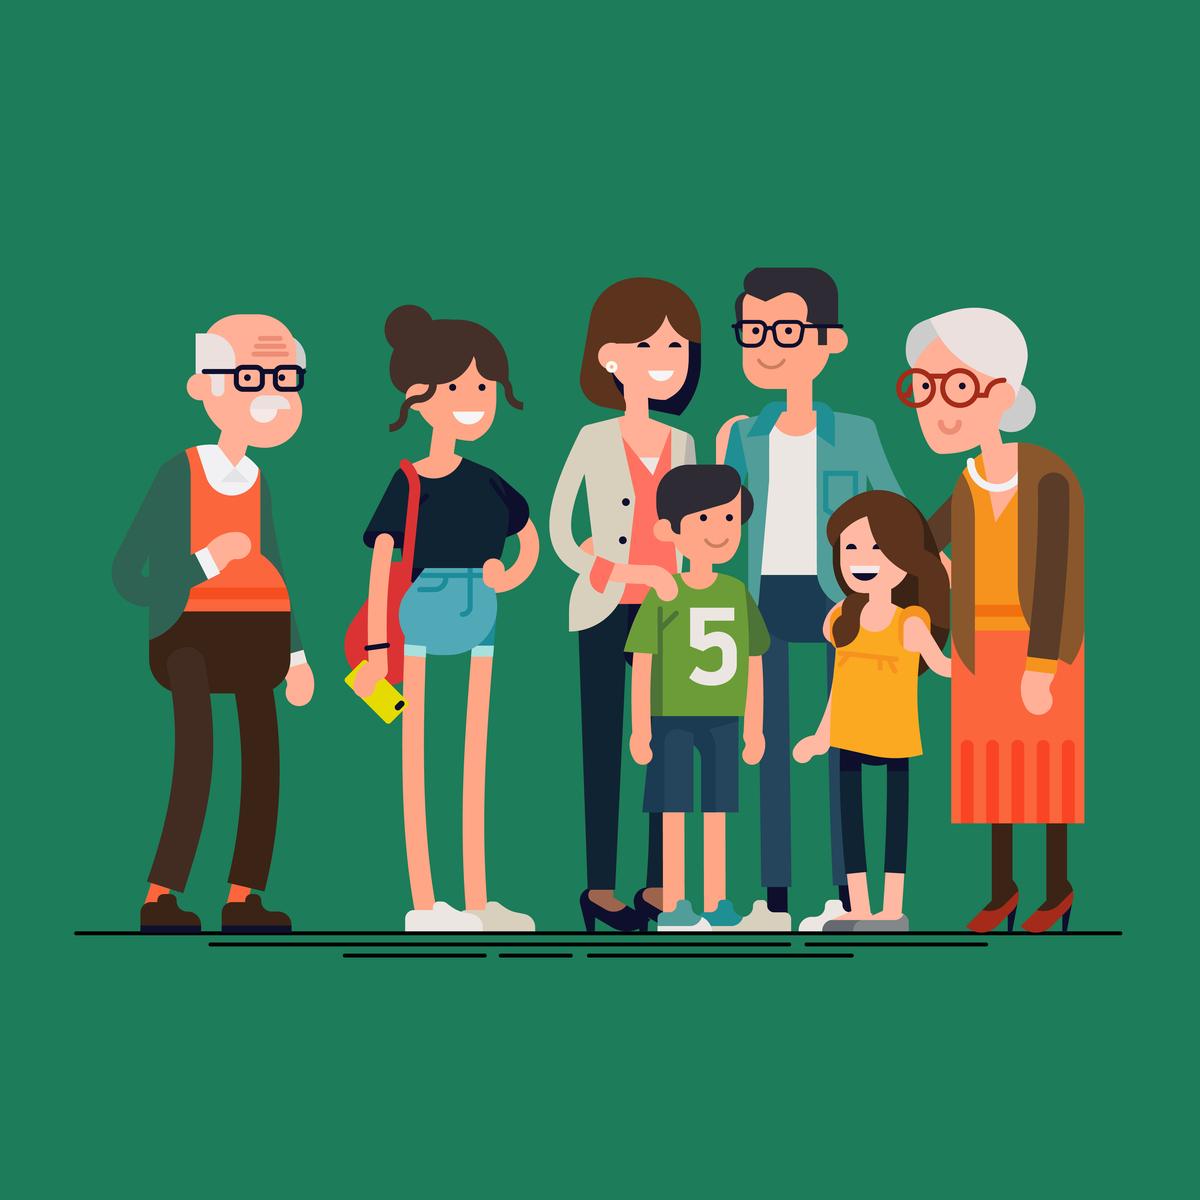 Les Français et l'immobilier, quelles attentes selon l'âge ?